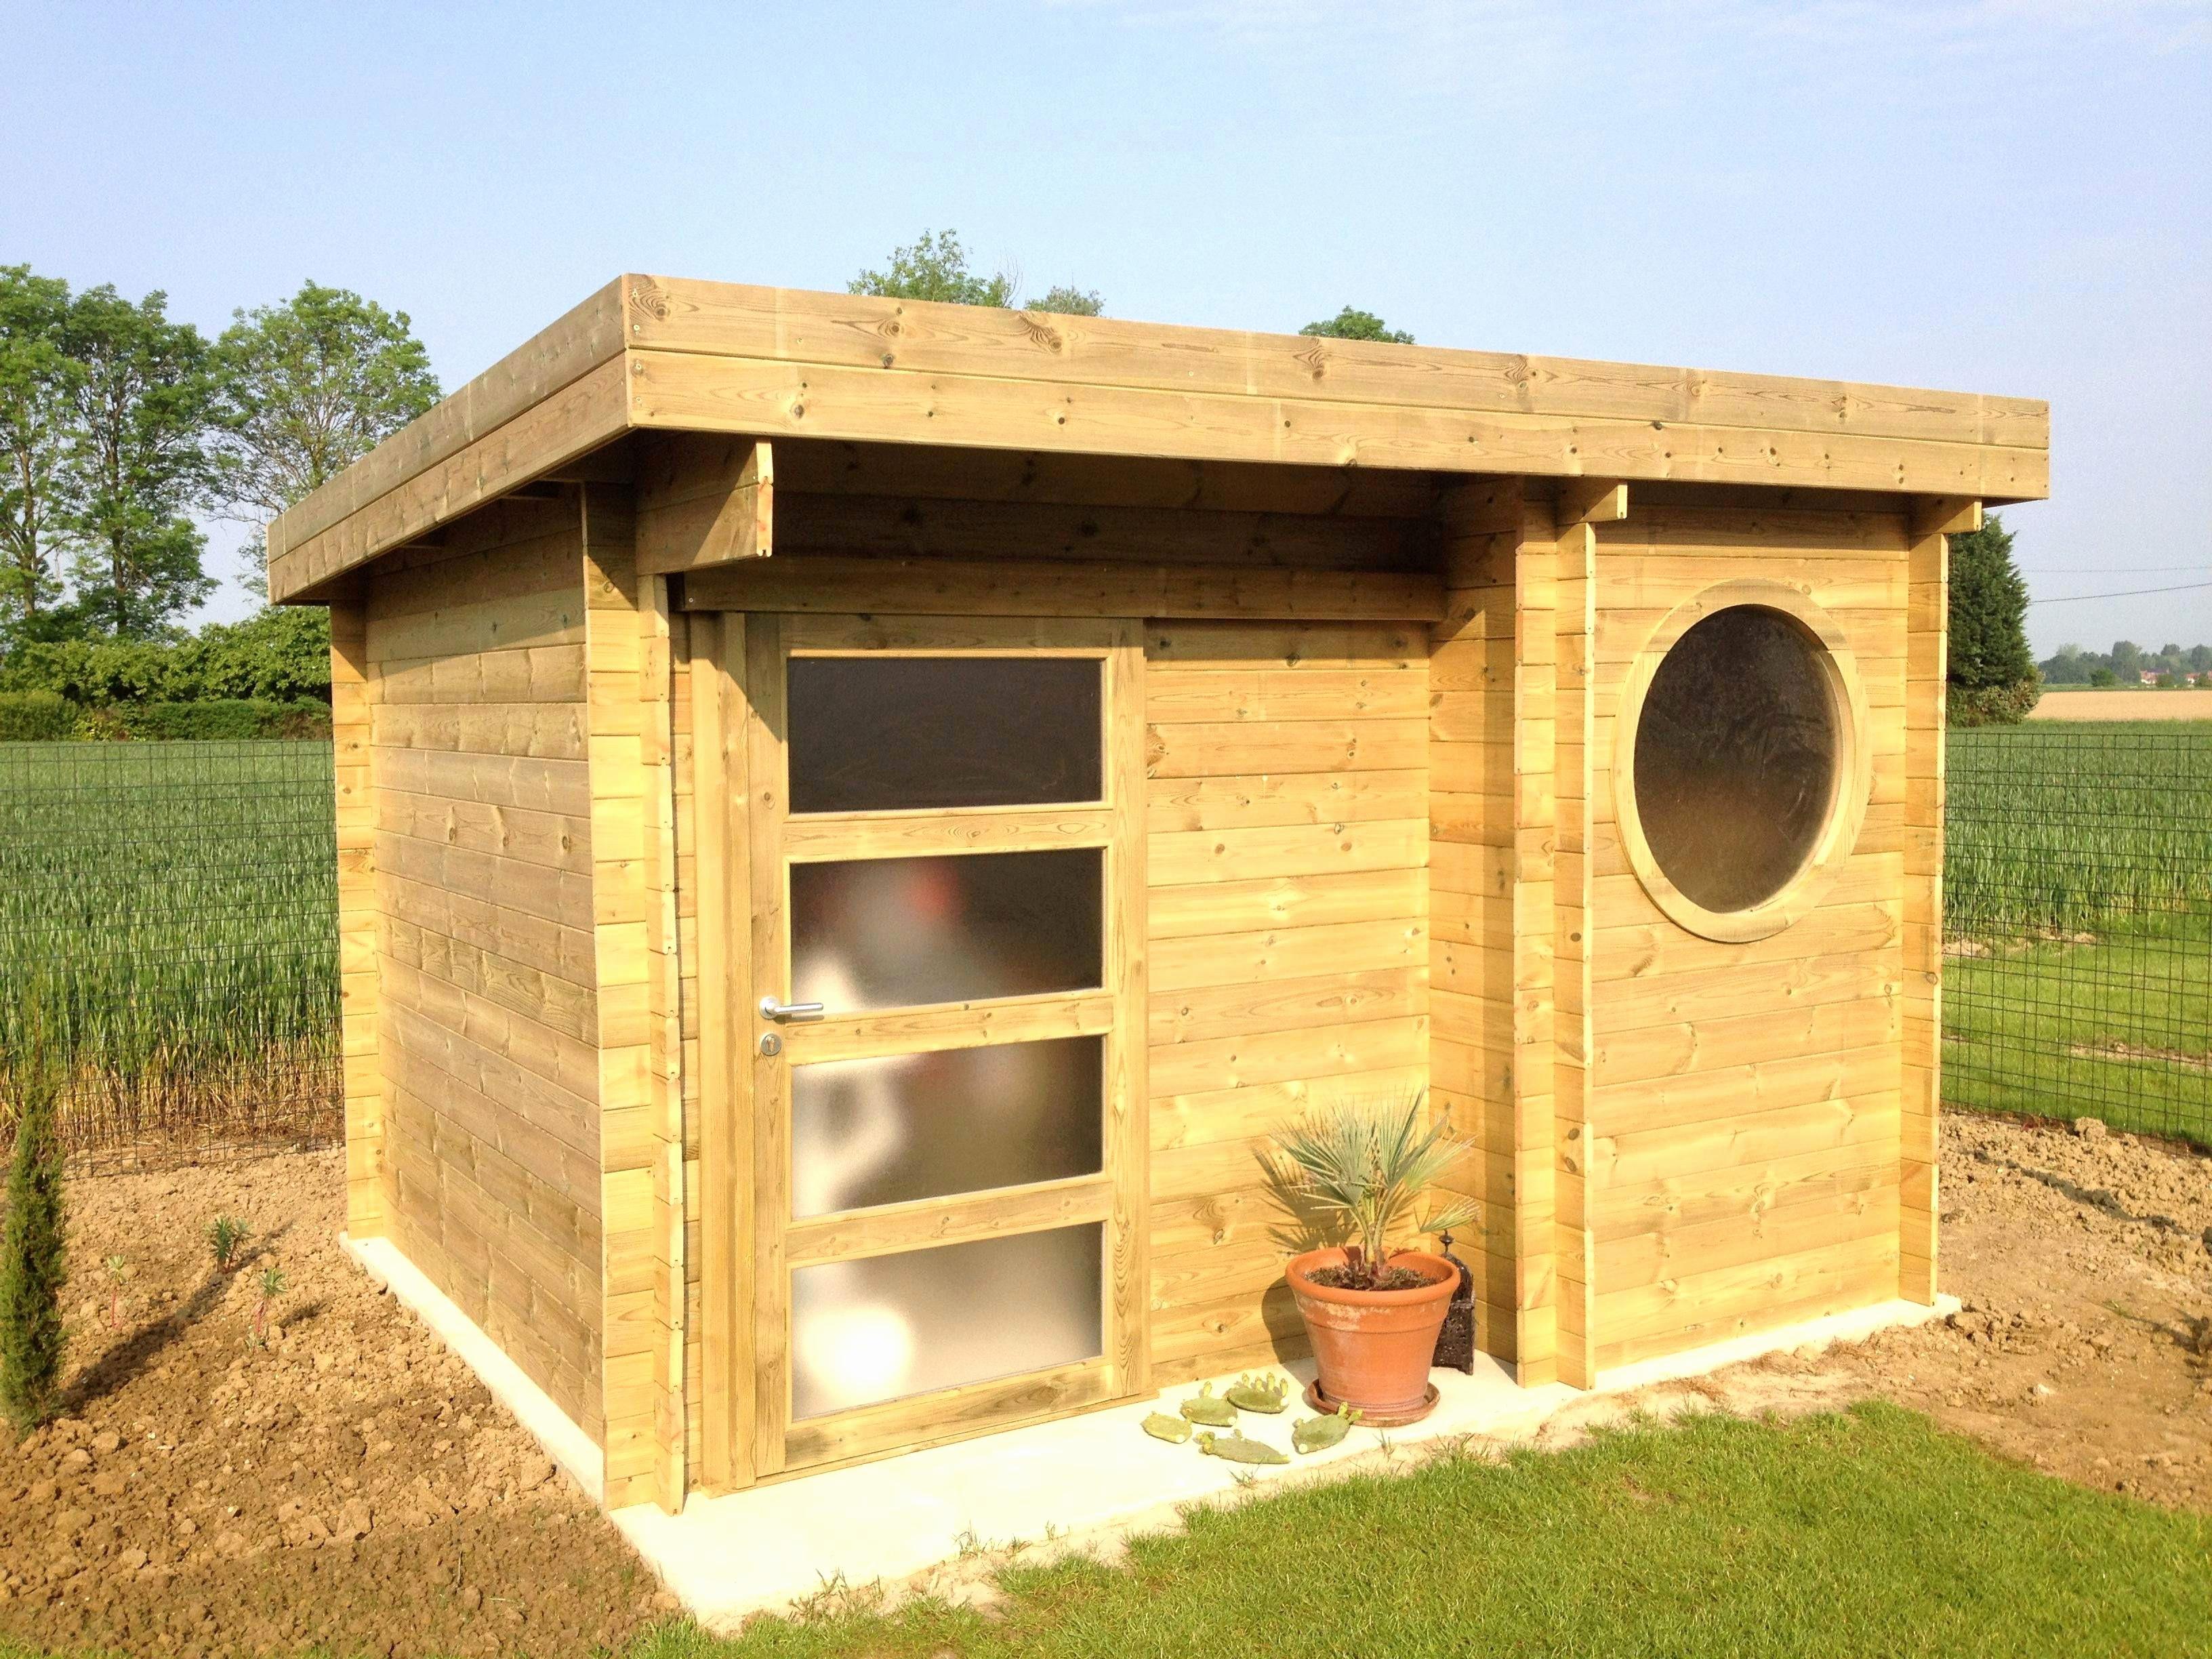 Abri Jardin Castorama Unique Cabane Dans Le Jardin Cabane pour Toiture Abri De Jardin Castorama